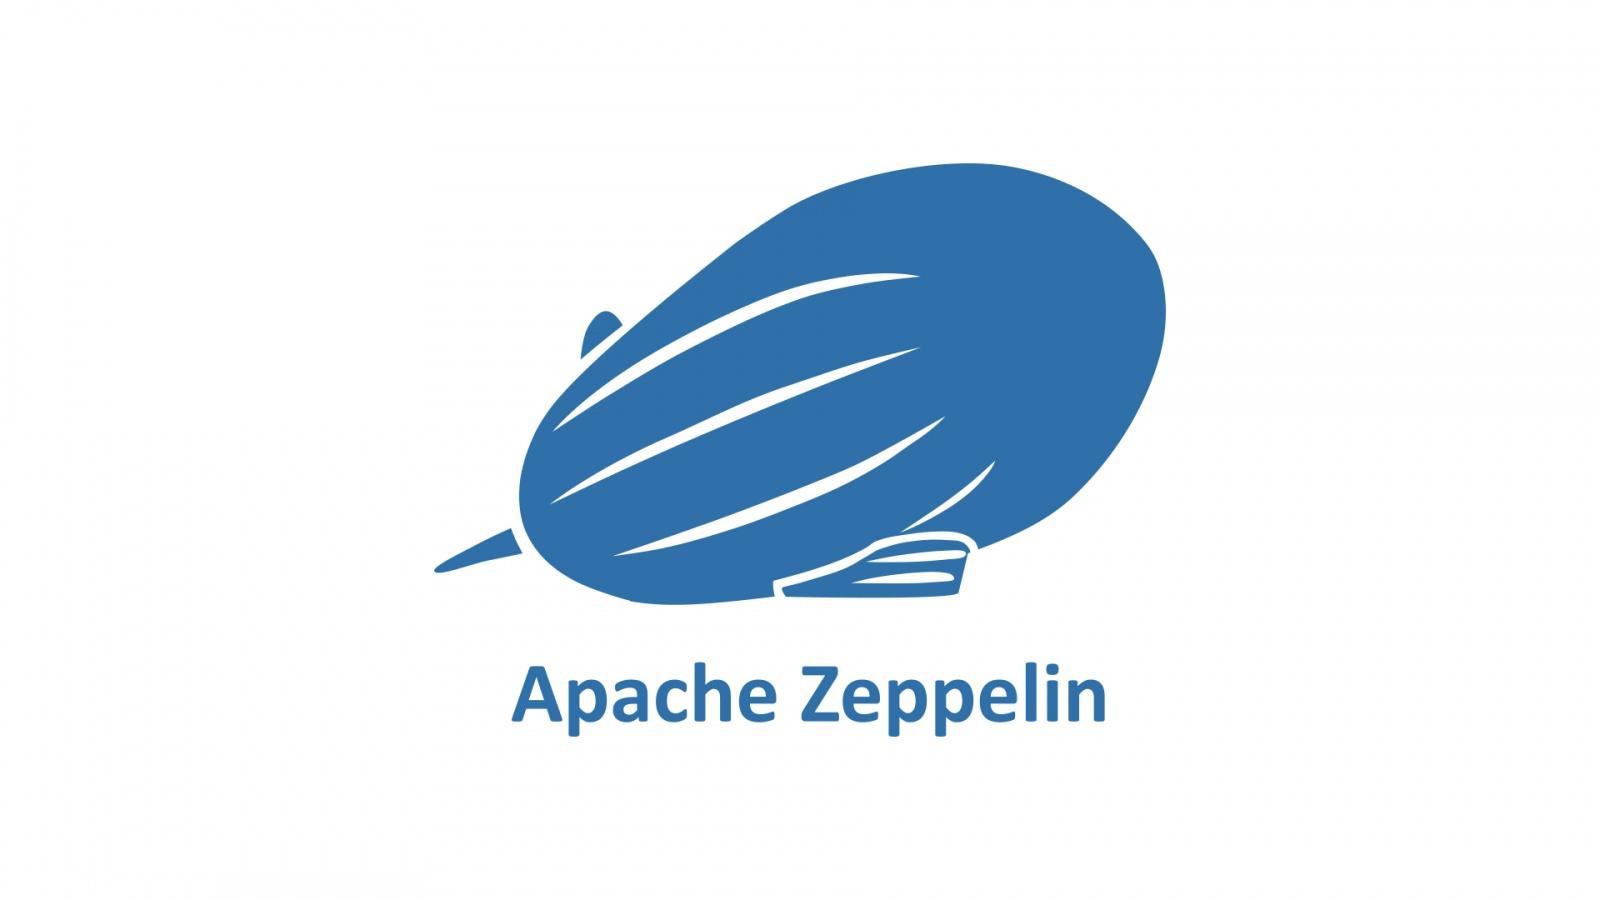 Допинг для аналитики: почему стоит обратить внимание на Apache Zeppelin - 1